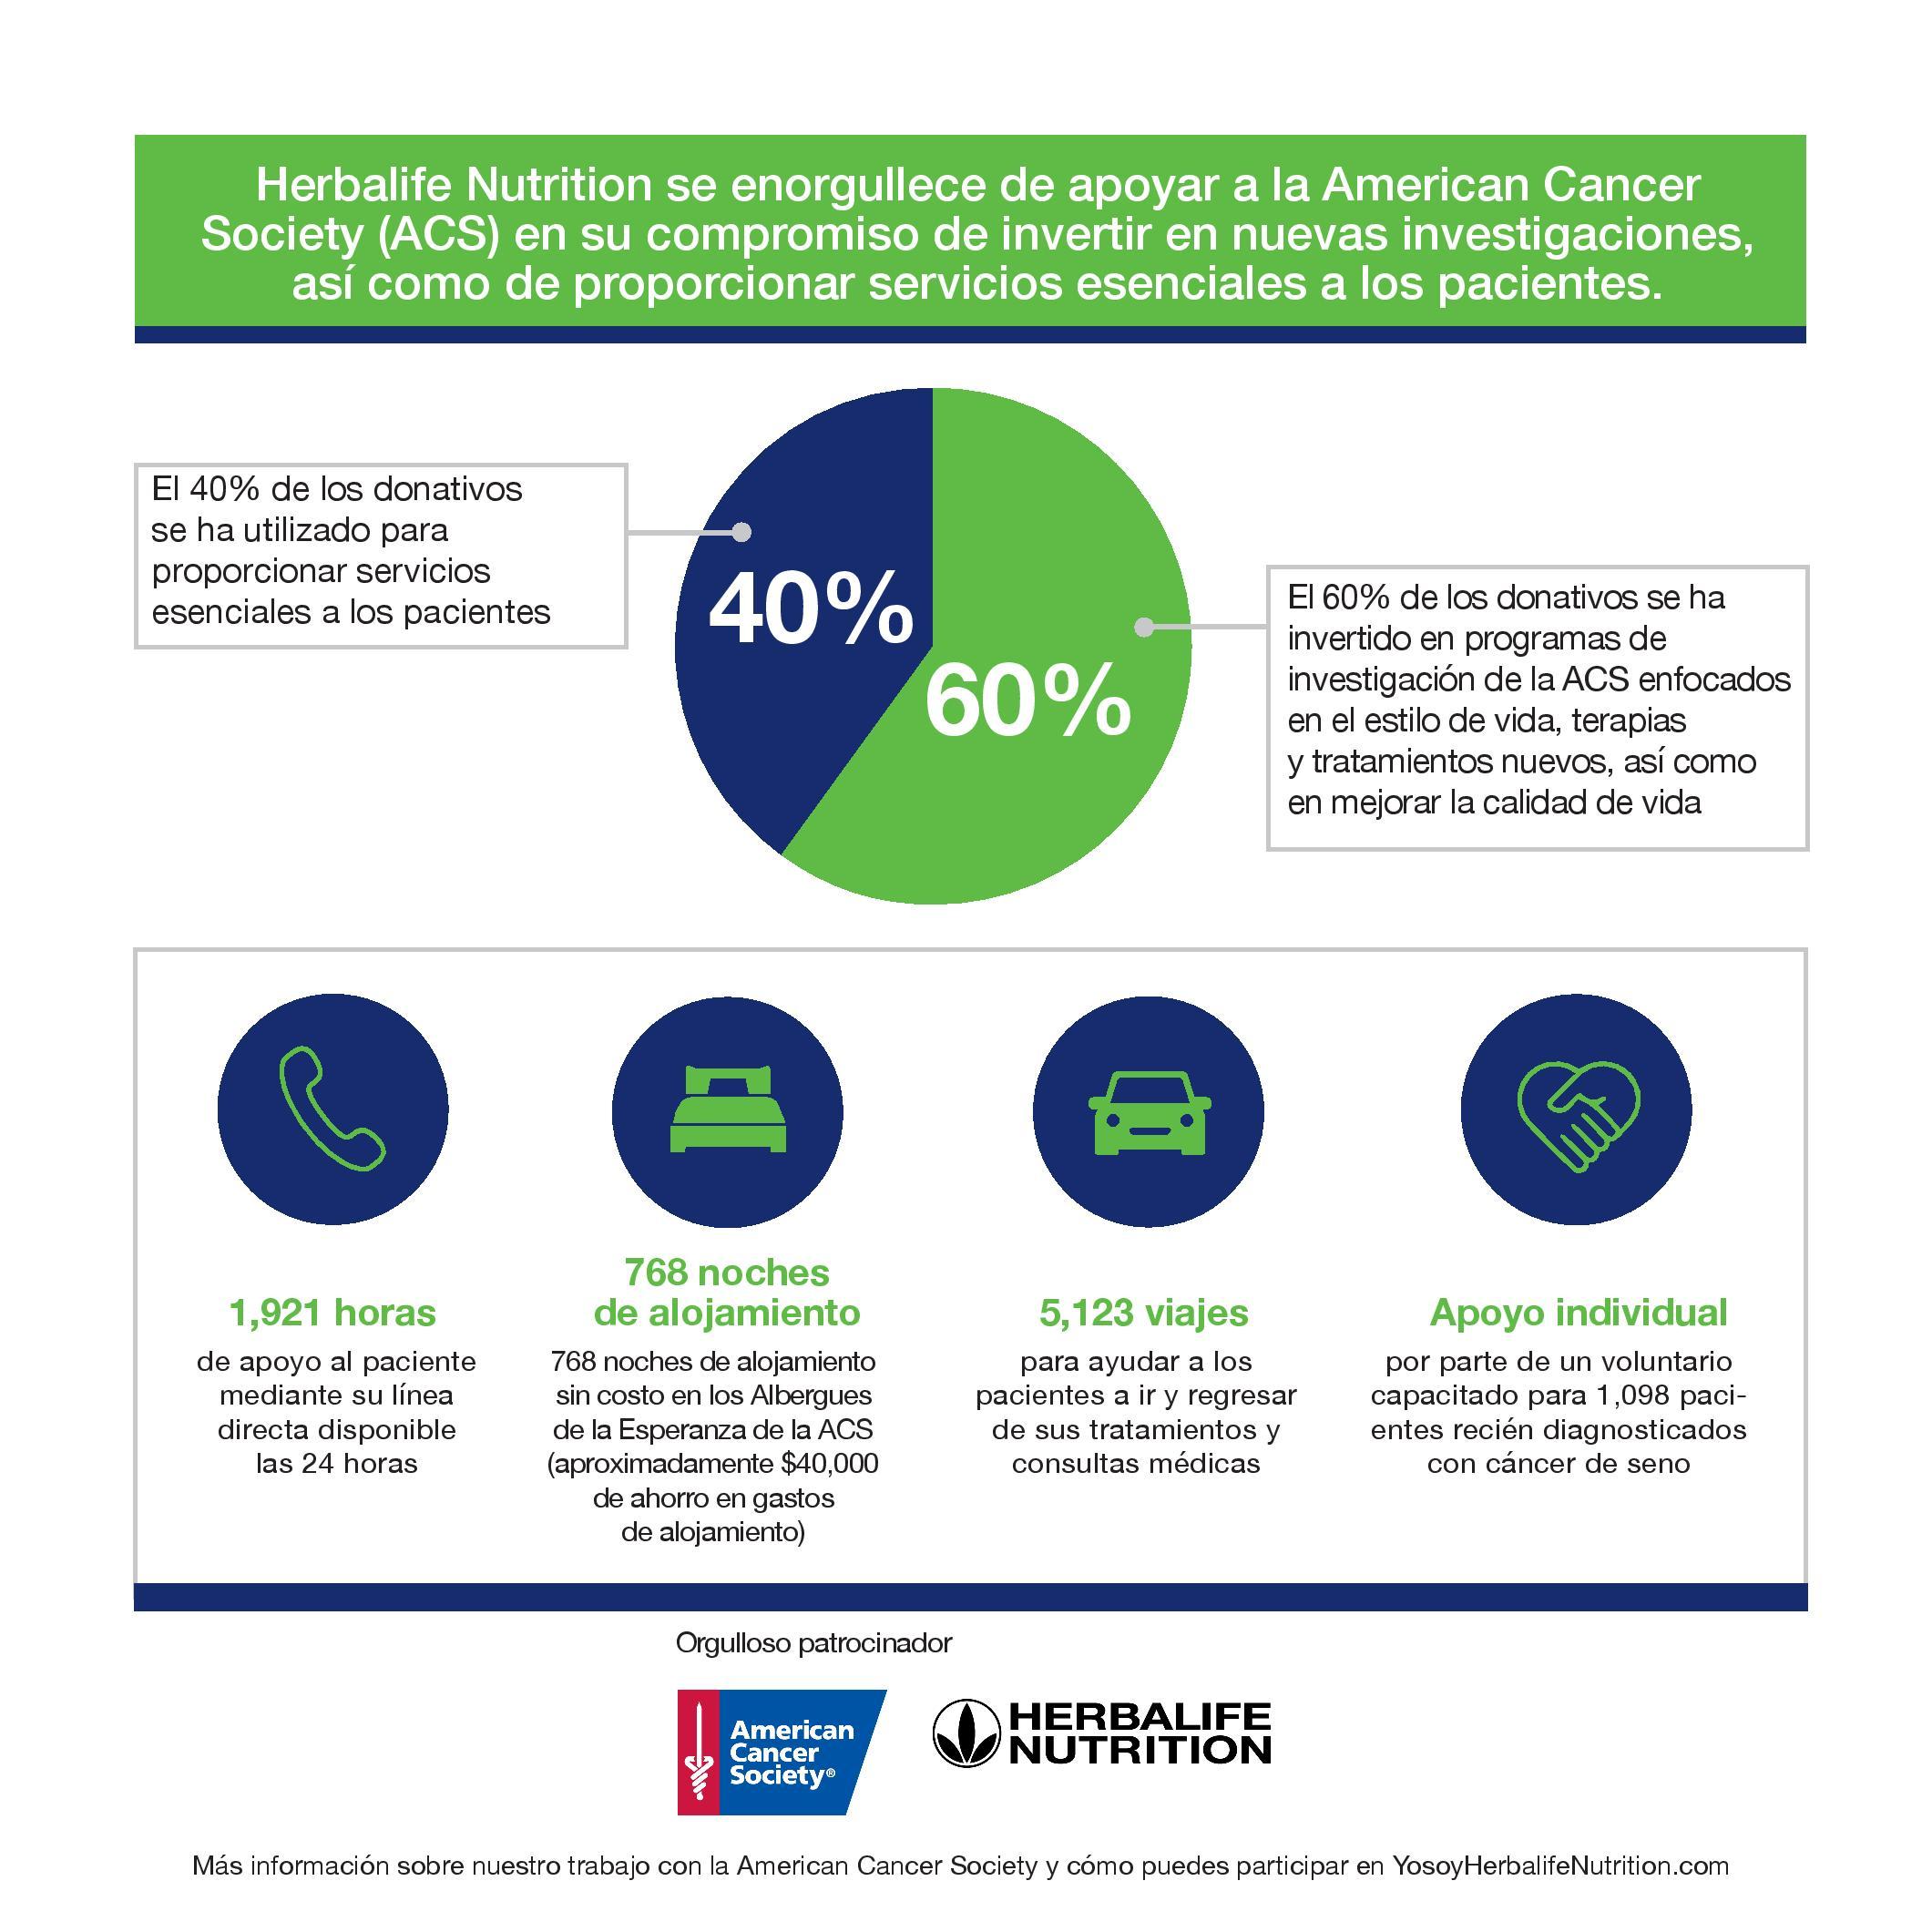 Sociedad Americana Contra el Cancer_Herbalife